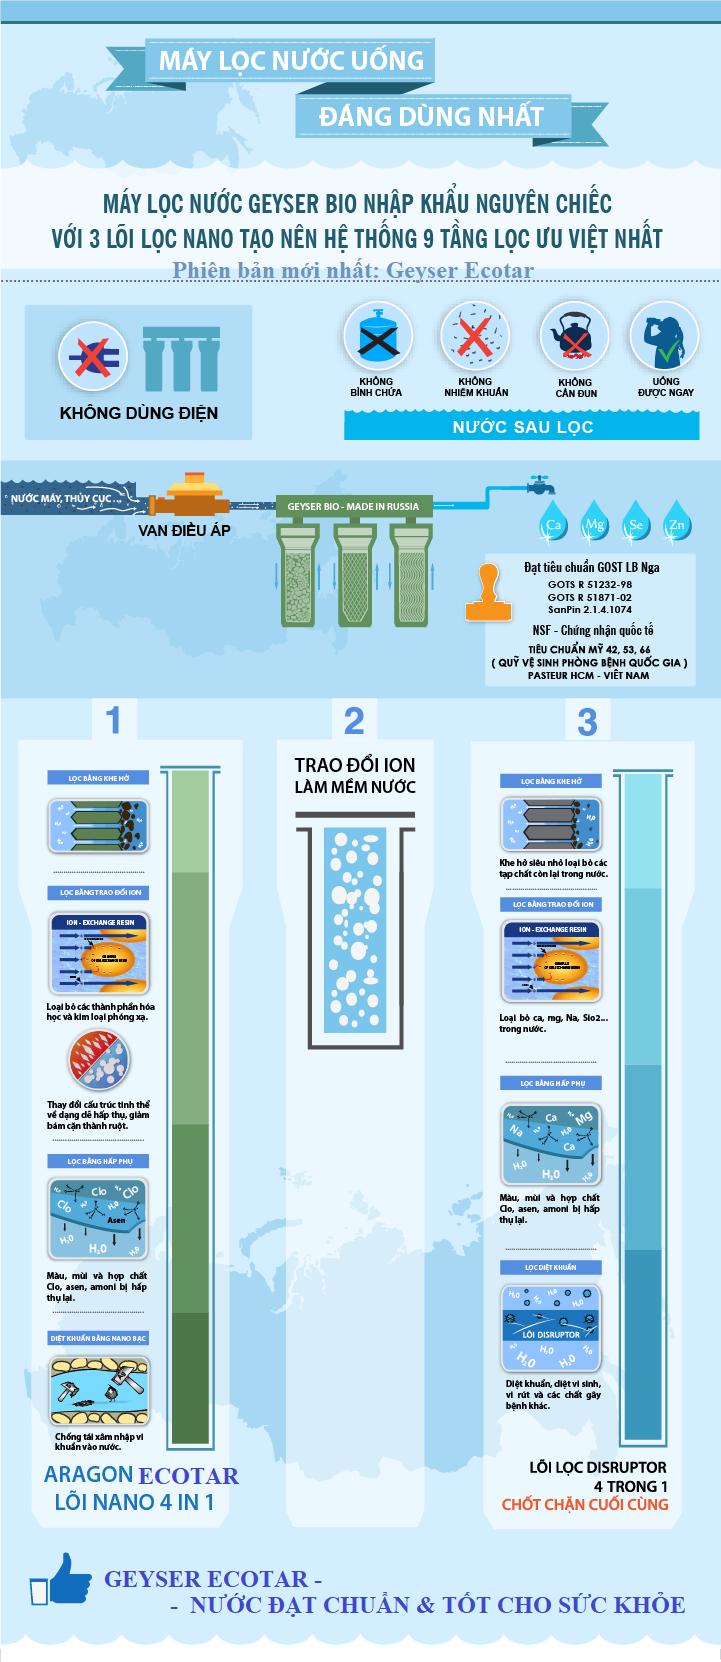 Sơ đồ nguyên lý dòng máy lọc nước nano cơ bản